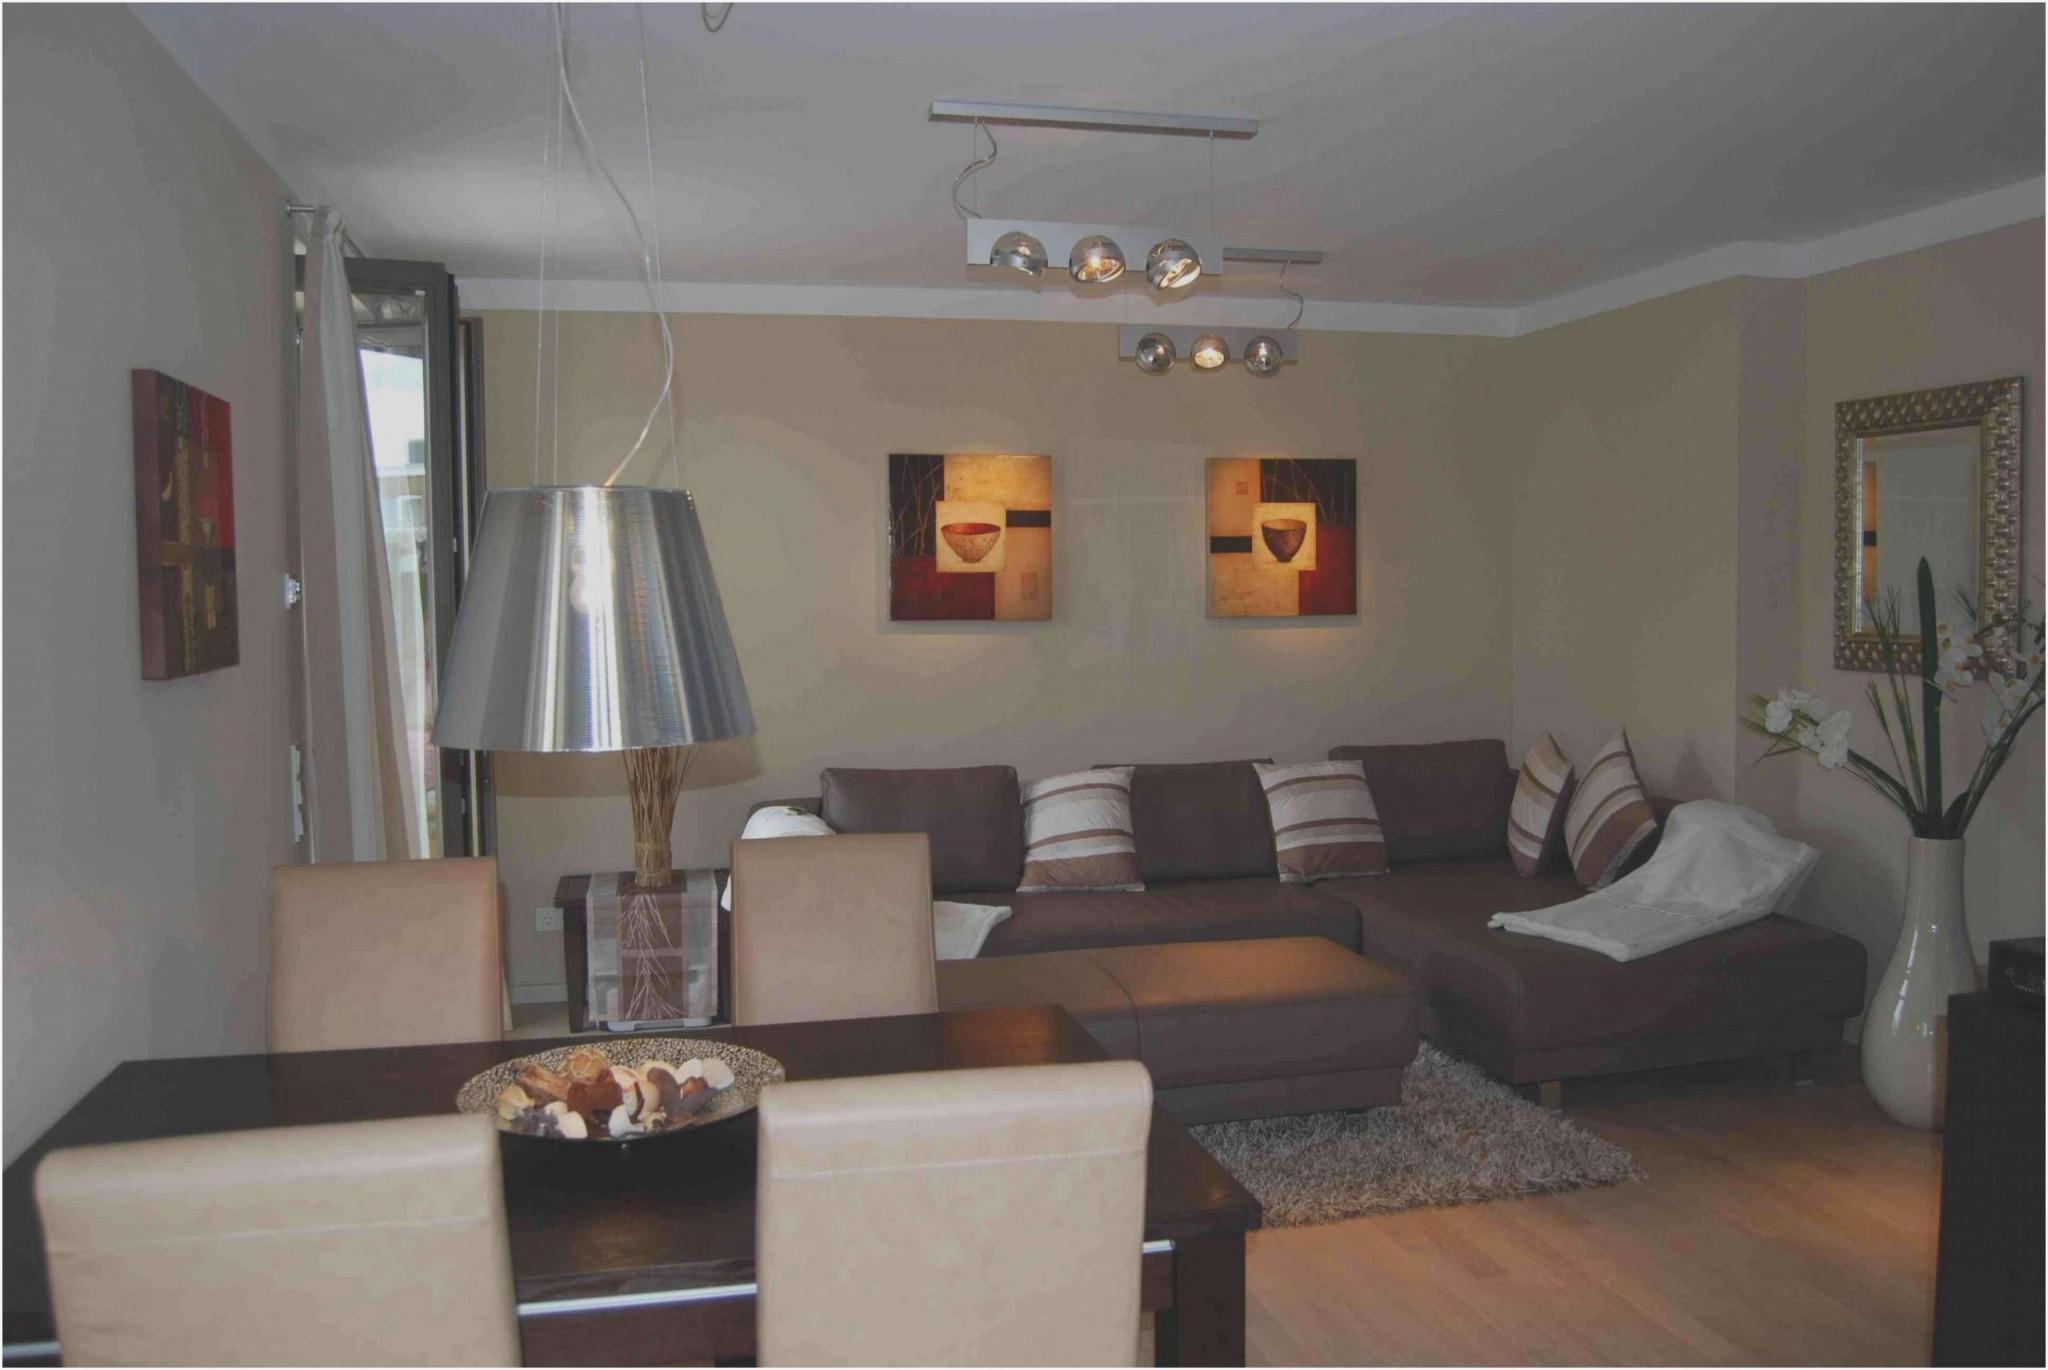 Kleines Wohnzimmer Einrichten 15 Qm  Wohnzimmer  Traumhaus von 15 Qm Wohnzimmer Einrichten Photo